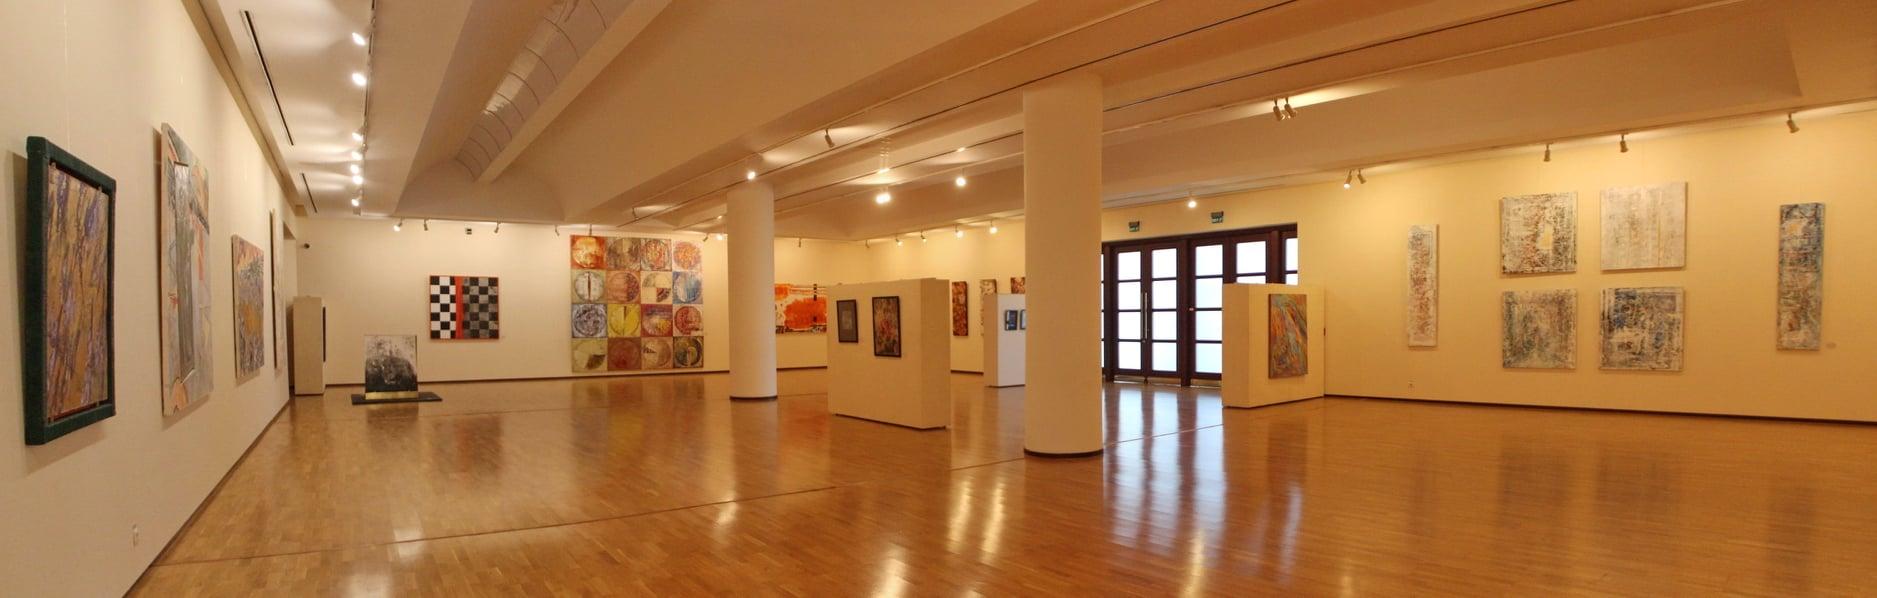 Экспозиционный зал 2